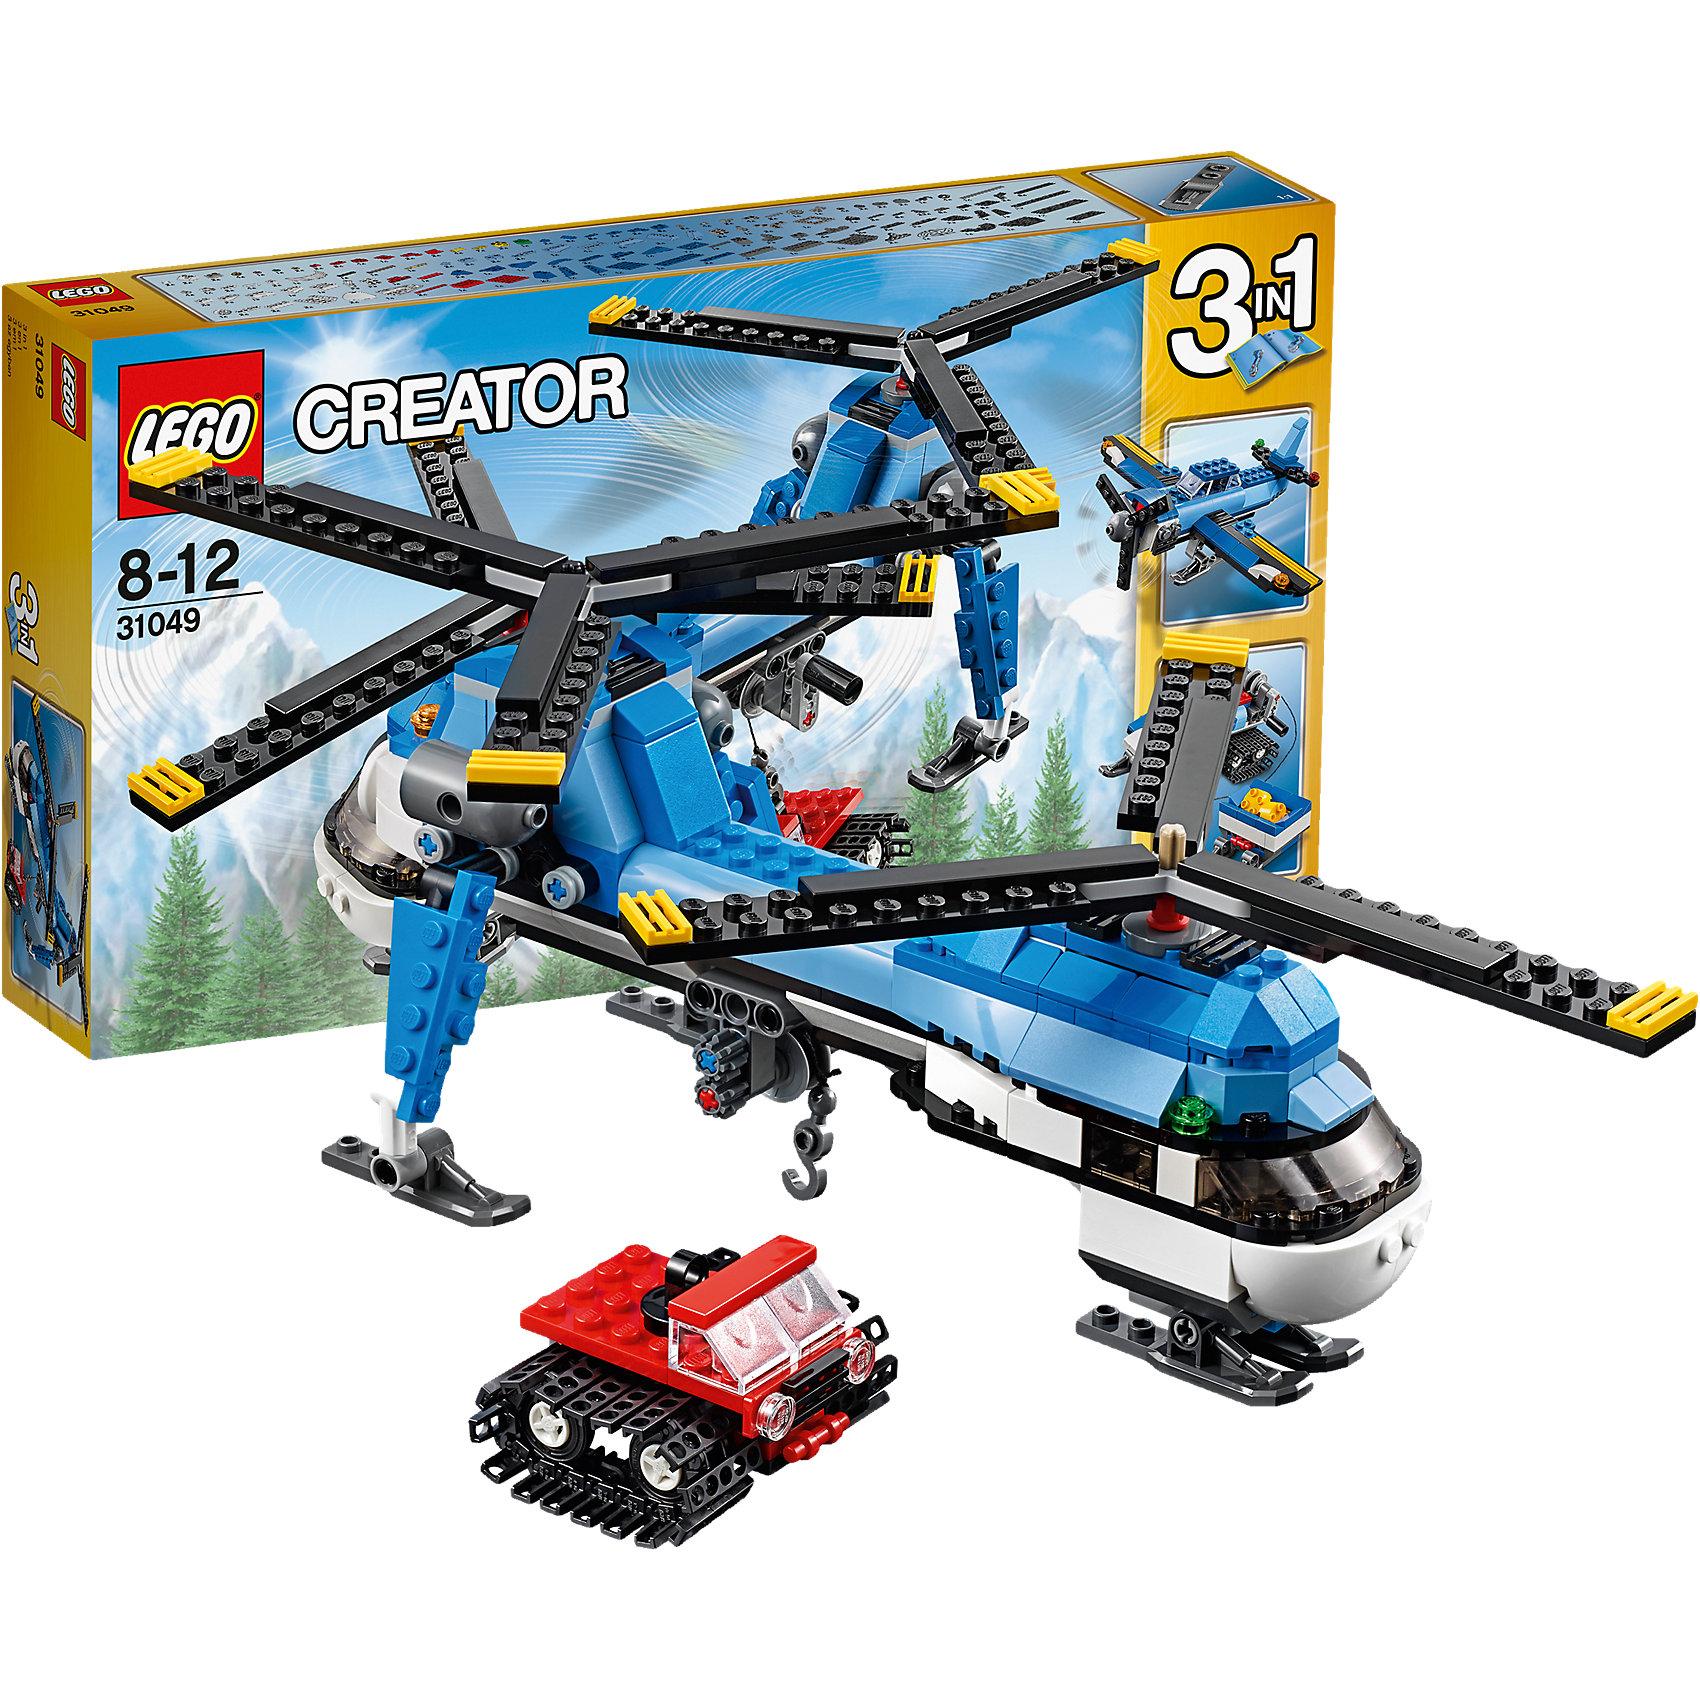 LEGO Creator 31049: Двухвинтовой вертолётВертолеты и конструкторы обожает множество современных детей, поэтому набор Лего, из которого можно собрать двухвинтовой вертолет, обязательно обрадует ребенка. Такие игрушки помогают детям развивать воображение, мелкую моторику, логику и творческое мышление.<br>Набор состоит из множества деталей, с помощью которых можно сделать не только вертолет! С таким комплектом можно придумать множество игр!<br><br>Дополнительная информация:<br><br>цвет: разноцветный;<br>размер коробки: 35,4 х 5,9 х 19,1 см;<br>вес: 612 г;<br>материал: пластик;<br>количество деталей: 326.<br><br>Набор Двухвинтовой вертолёт от бренда LEGO Creator можно купить в нашем магазине.<br><br>Ширина мм: 355<br>Глубина мм: 192<br>Высота мм: 63<br>Вес г: 554<br>Возраст от месяцев: 96<br>Возраст до месяцев: 144<br>Пол: Мужской<br>Возраст: Детский<br>SKU: 4641192